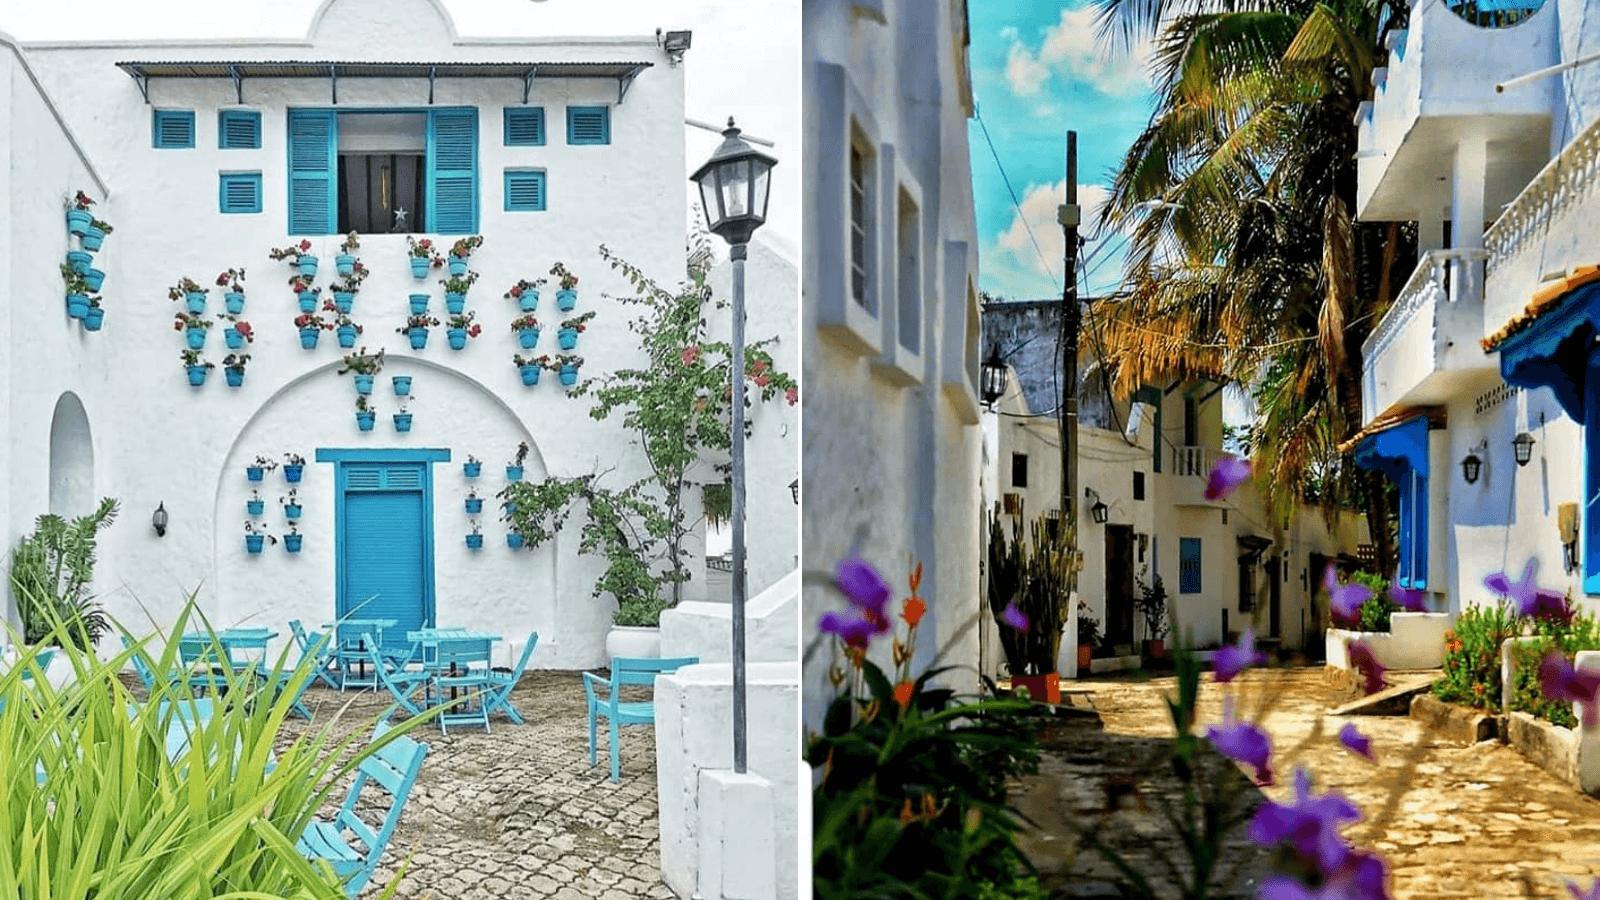 Esta aldea parece un poblado en el Mediterráneo pero no... así es como luce el 'Santorini colombiano' 1